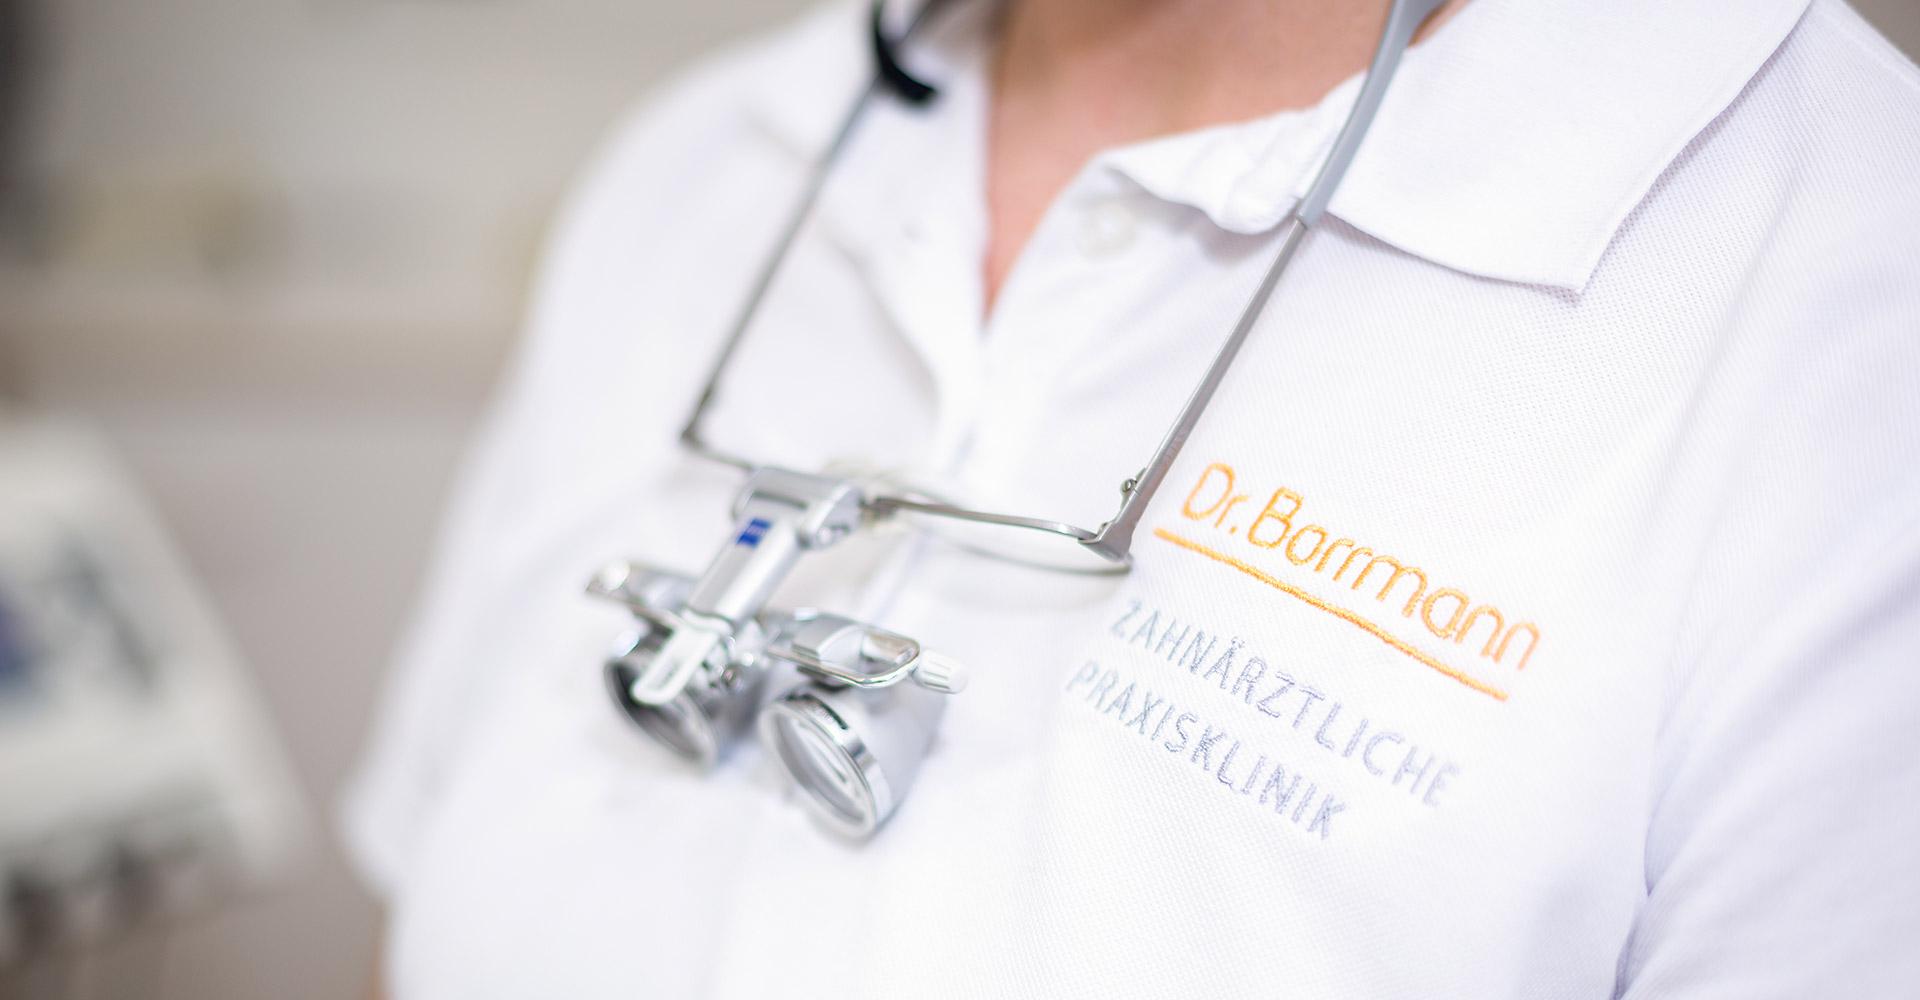 Behandlungen - Zahnärztliche Praxisklinik Dr. Borrmann